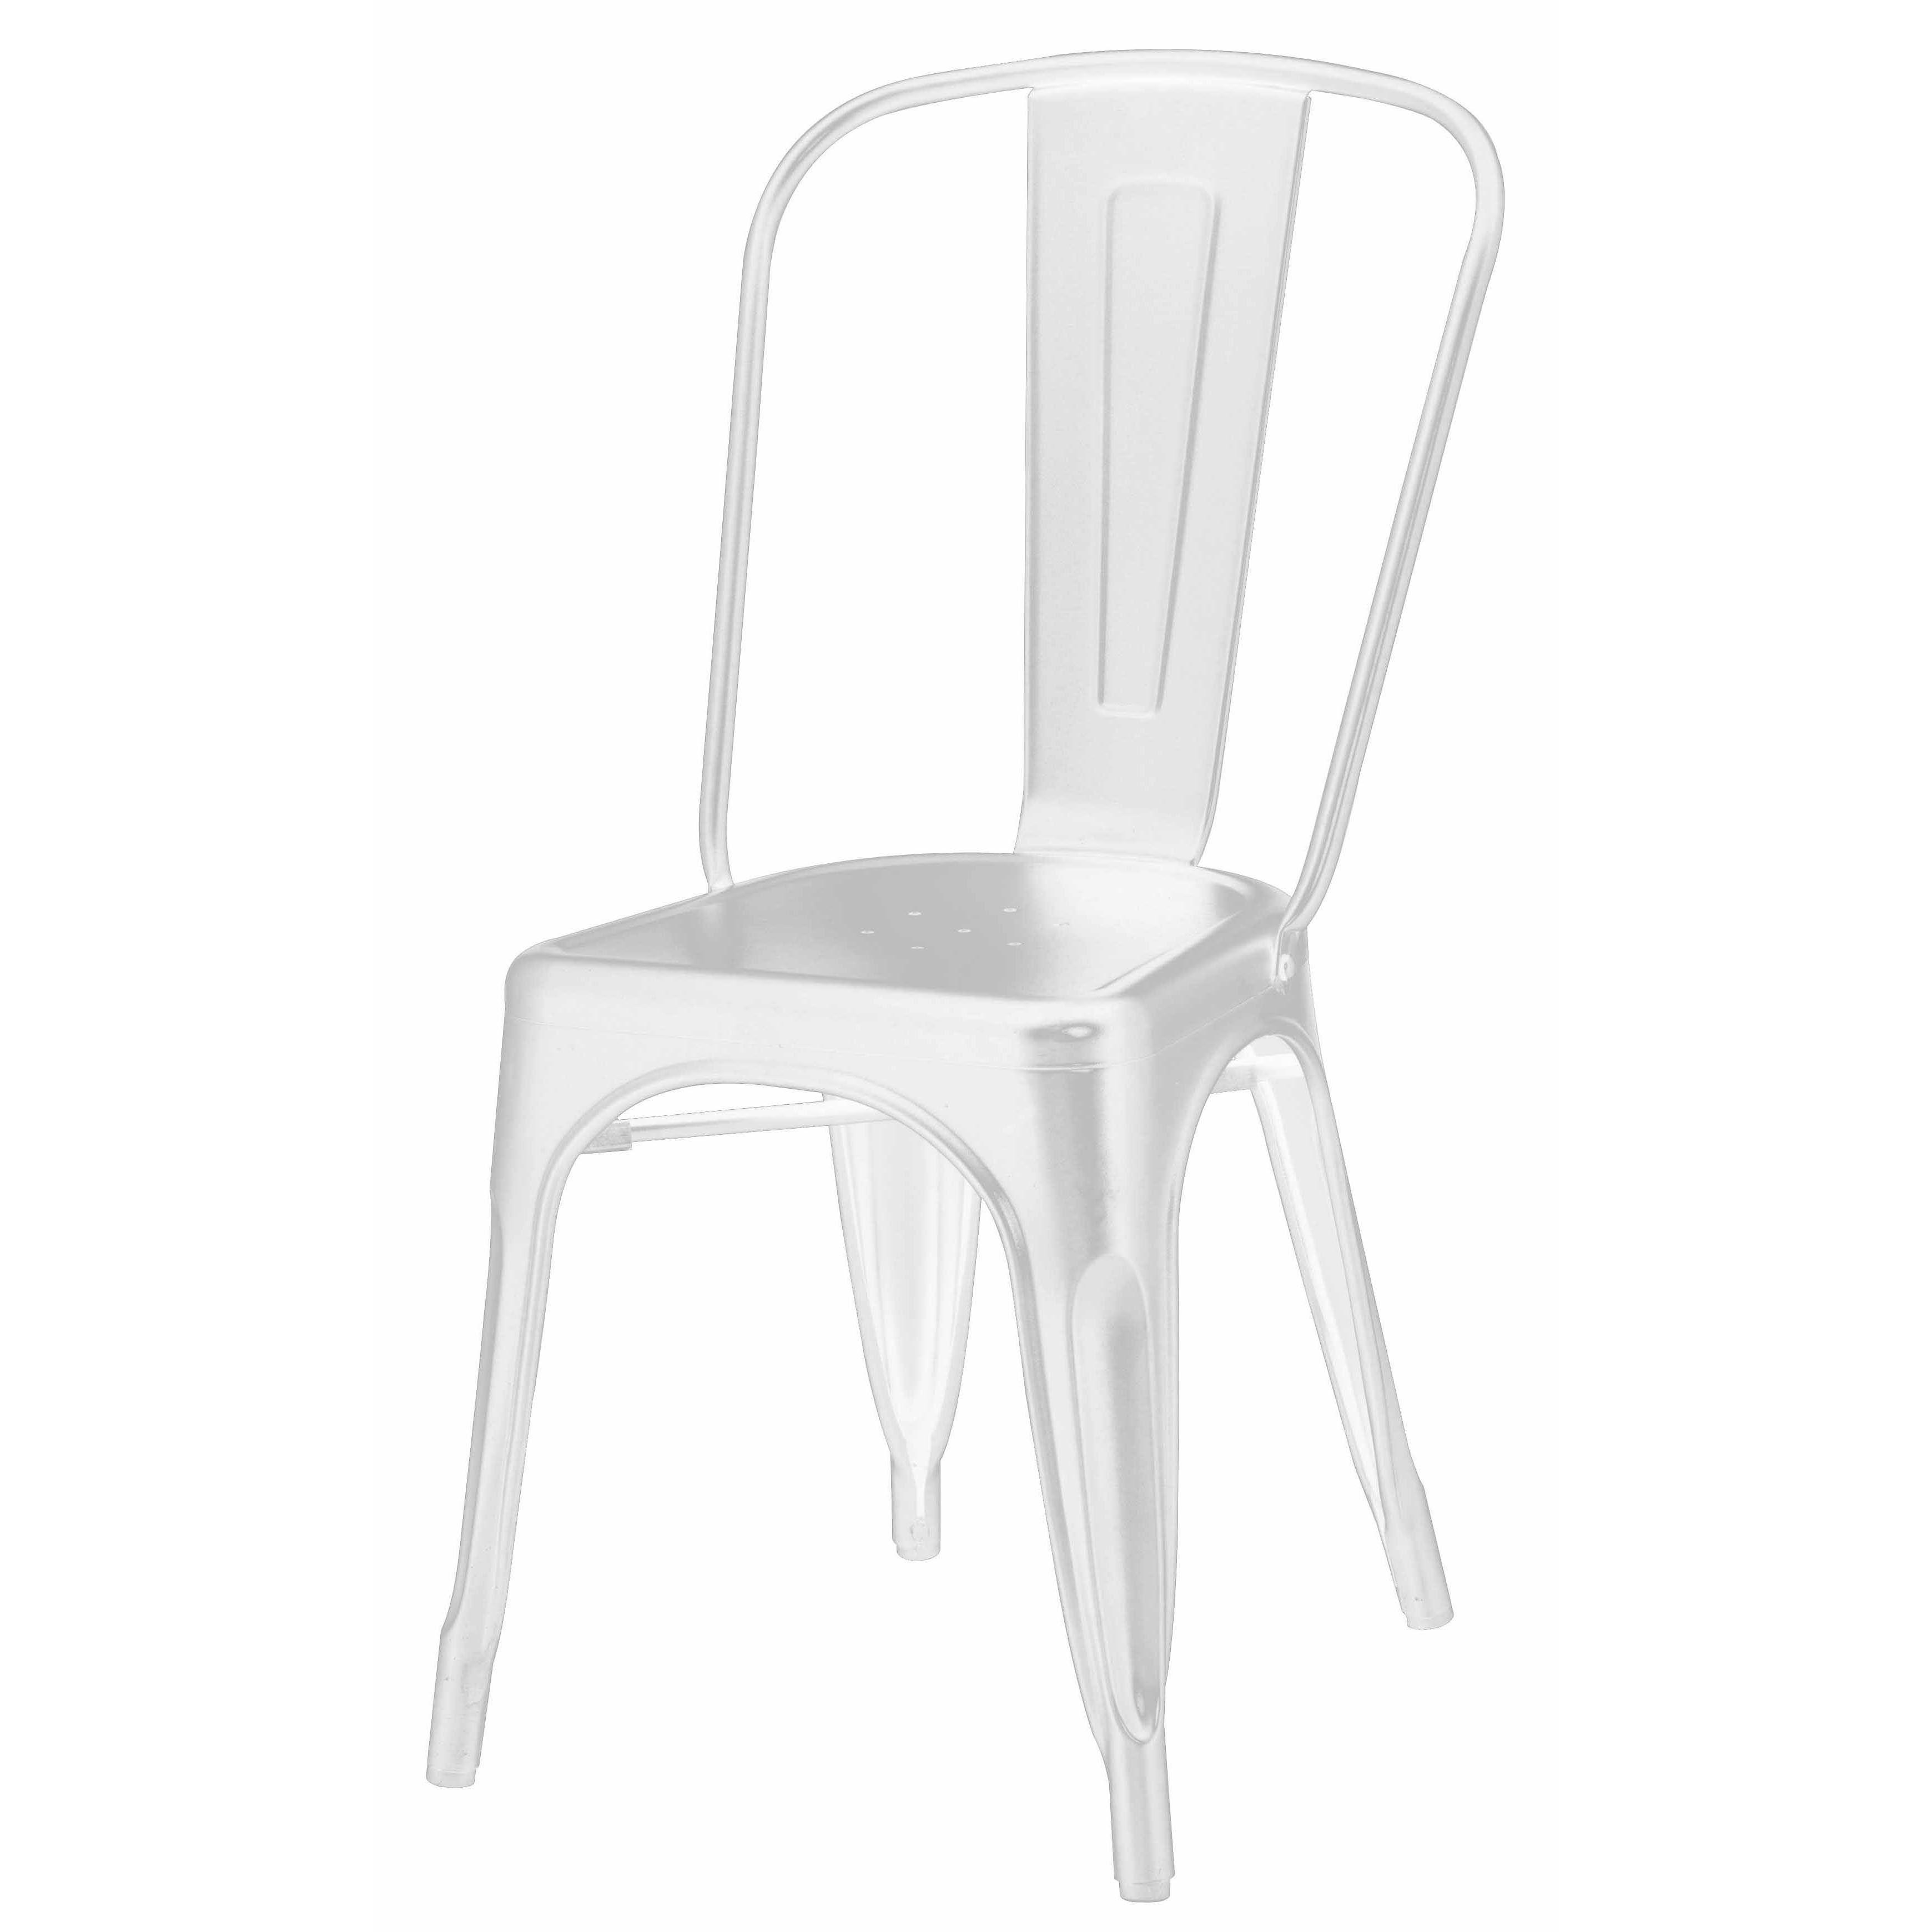 Weiss Esszimmer Stuhle 4 Weissen Stuhlen Blau Kuche Stuhle Tischplatte Schwarz Und Chrom Stuhlen Windsor Stuhlen Weiss Esszimmer Weiss Stuhl Polstern Weisse Stuhle